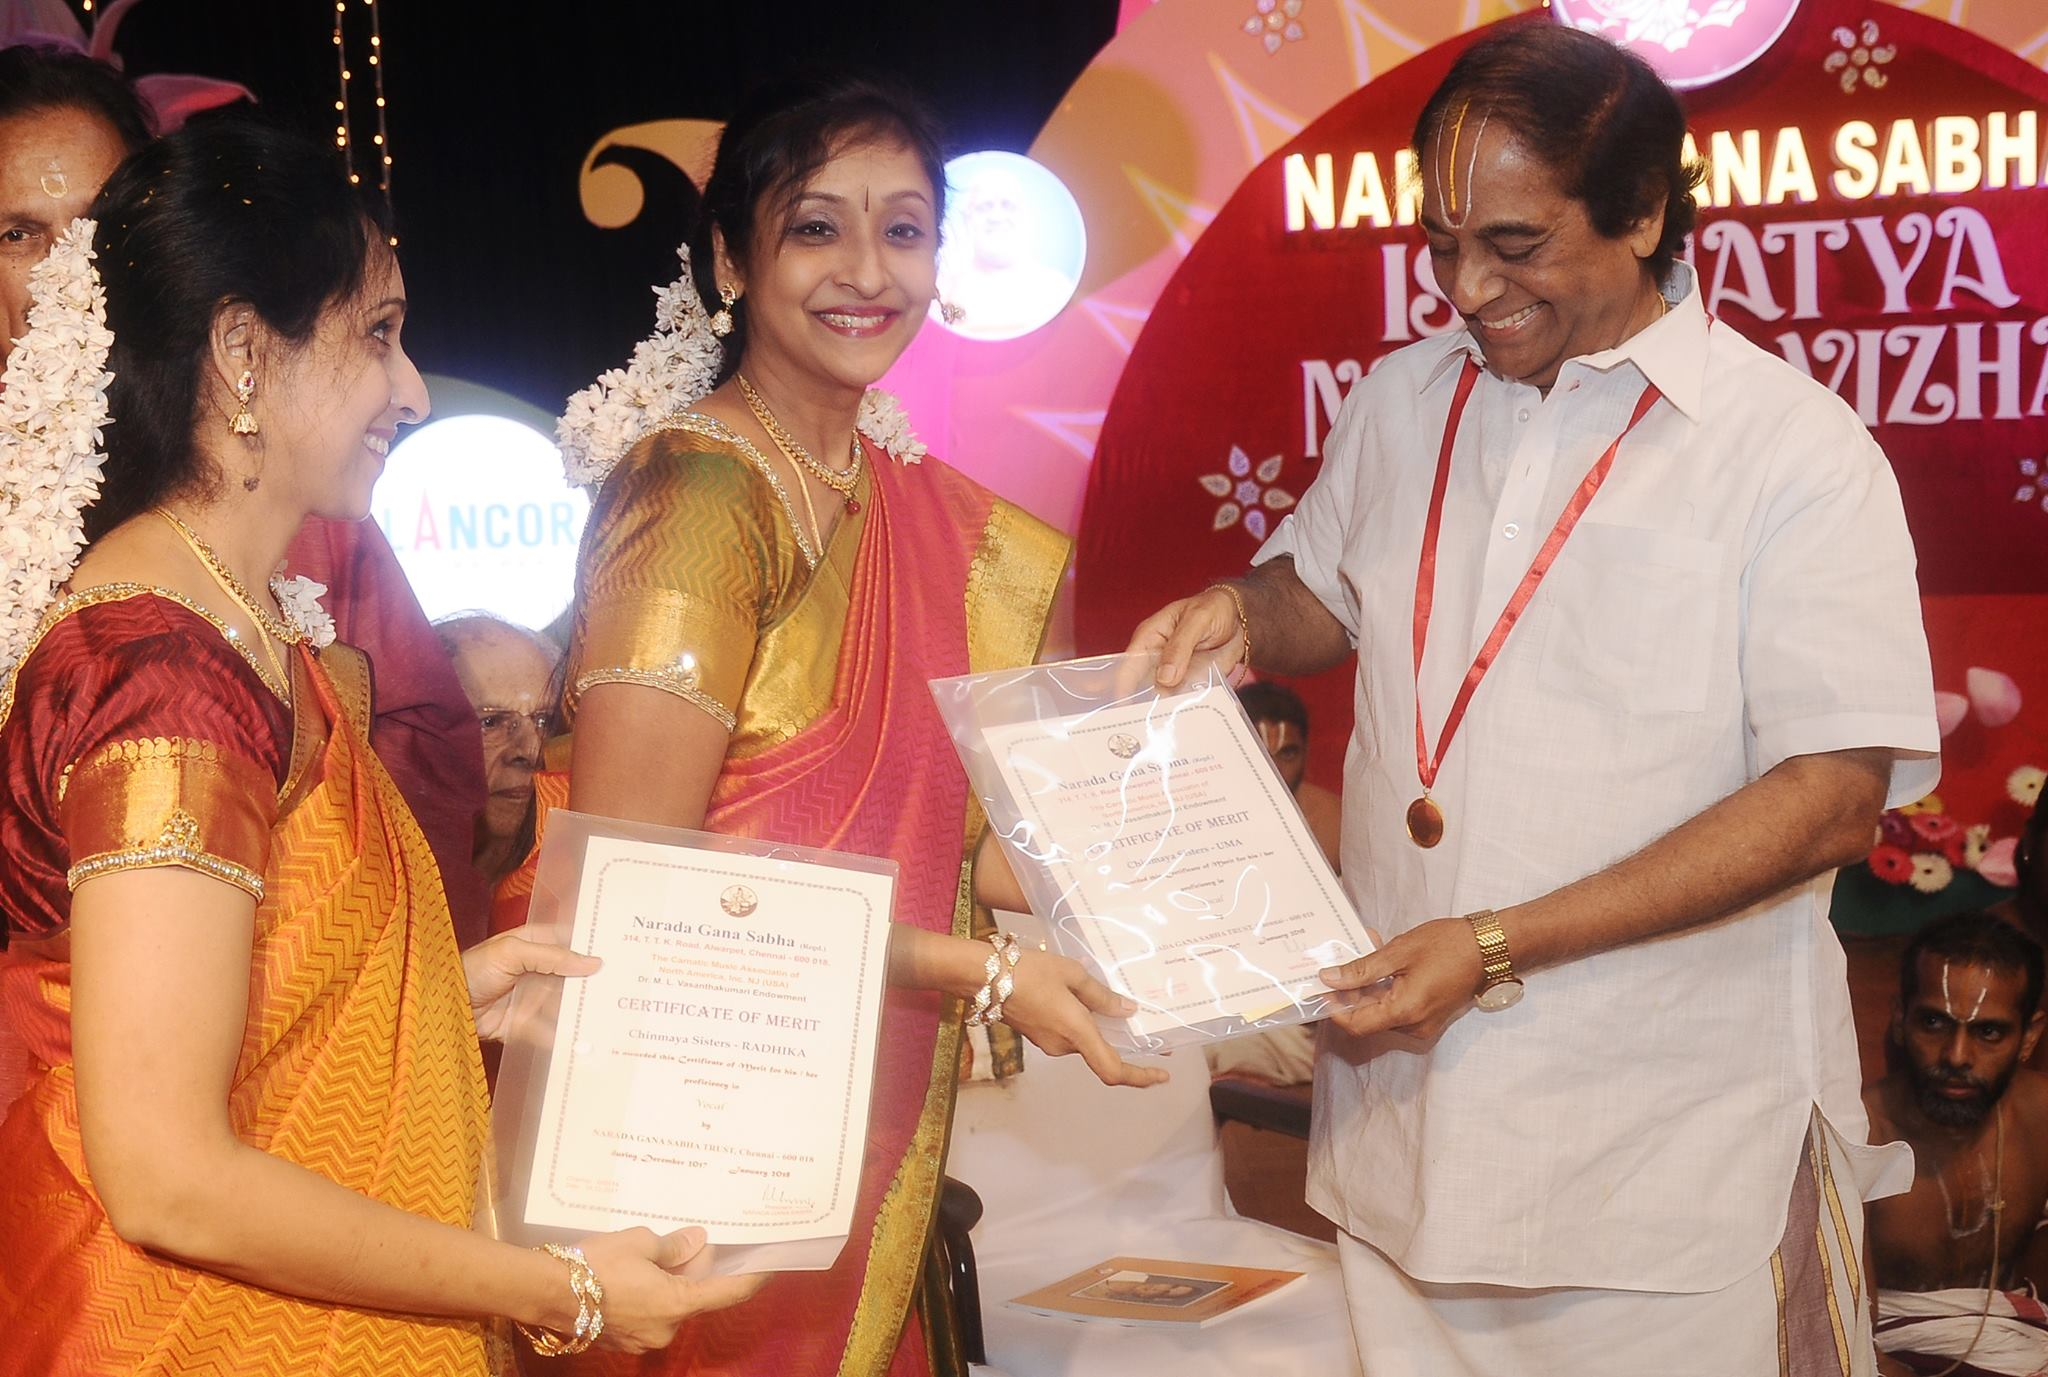 4 award